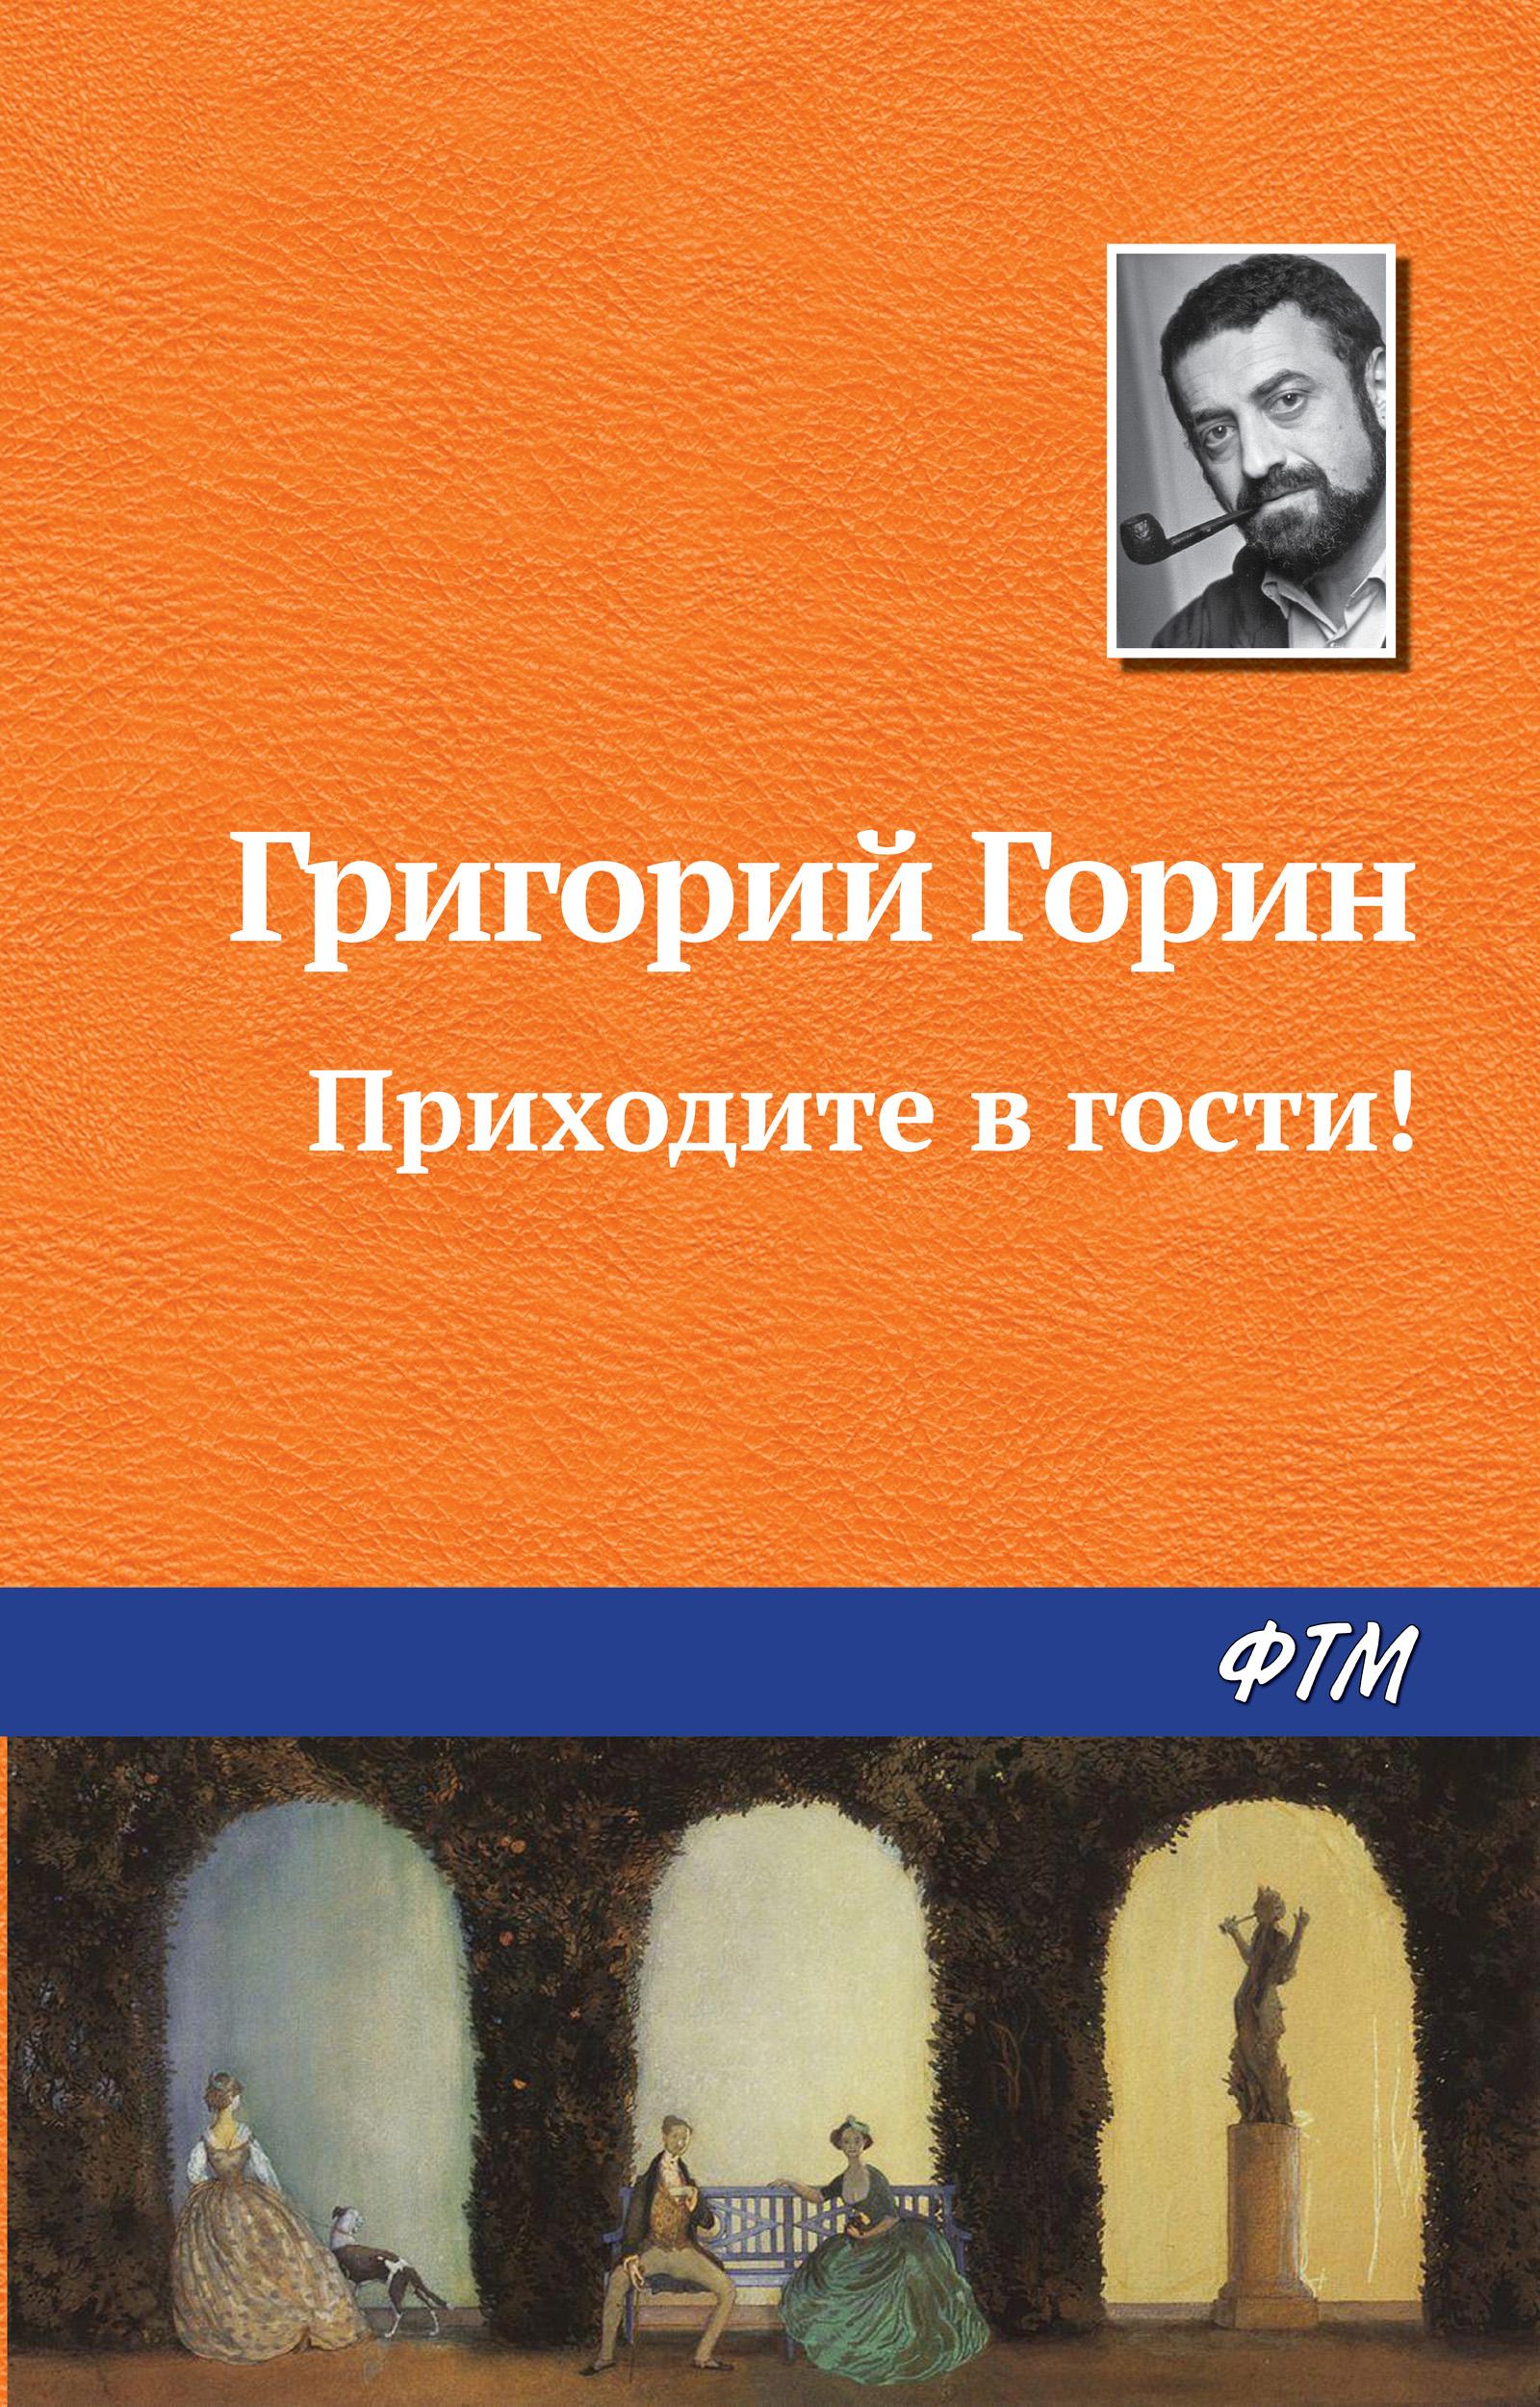 цены на Григорий Горин Приходите в гости!  в интернет-магазинах